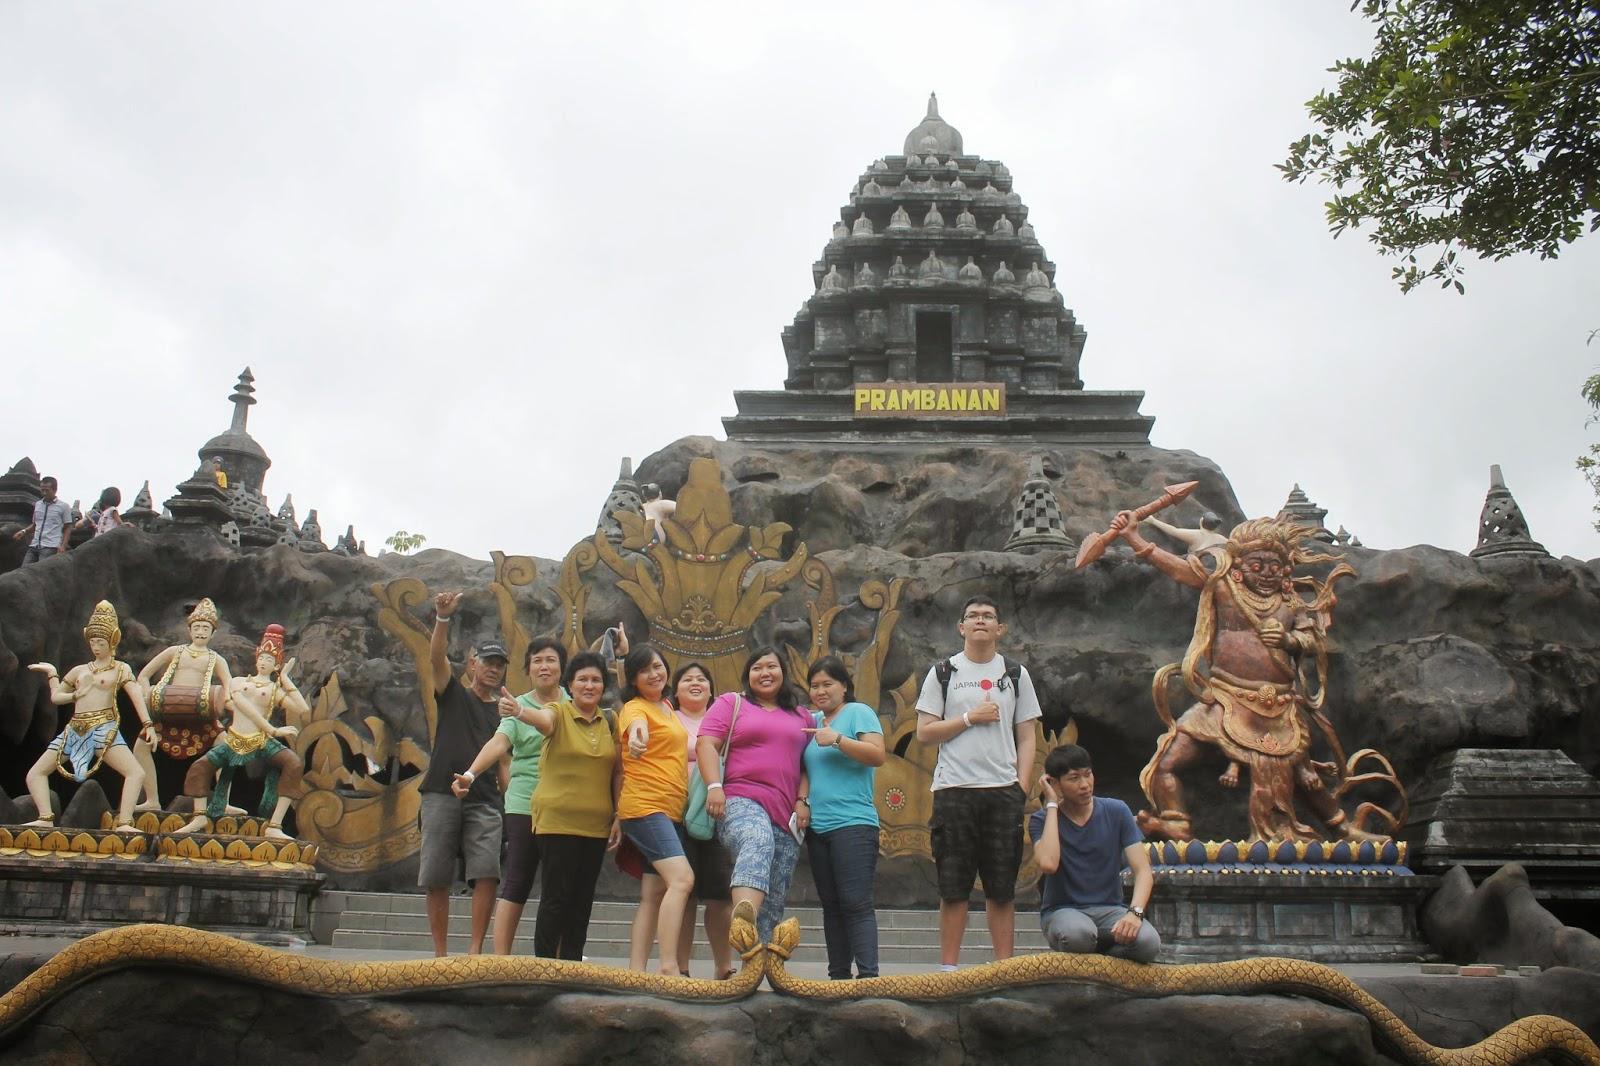 Wisata Indonesia || Wisata Karimun Jawa || WIsata  Bromo || Wisata Bali || Wisata Jogja || Wisata Kawah Ijen || Wisata Gunung Semeru || Wisata Religi || Wisata Lombok || Wisata Travel Malang - Surabaya - Jepara